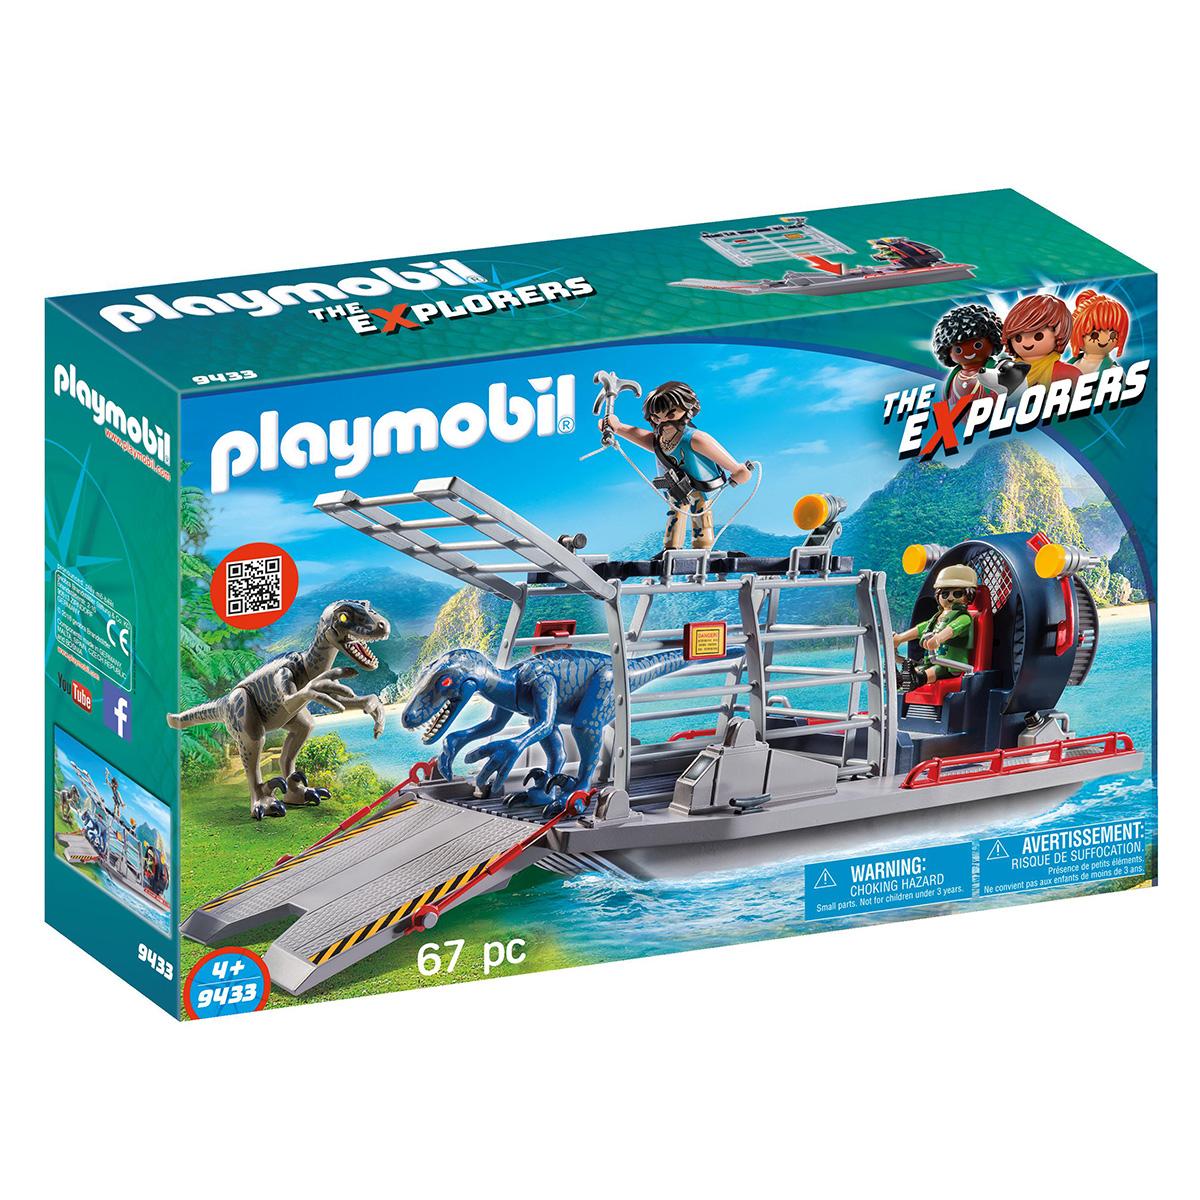 Billede af Playmobil Propelbåd med dinobur